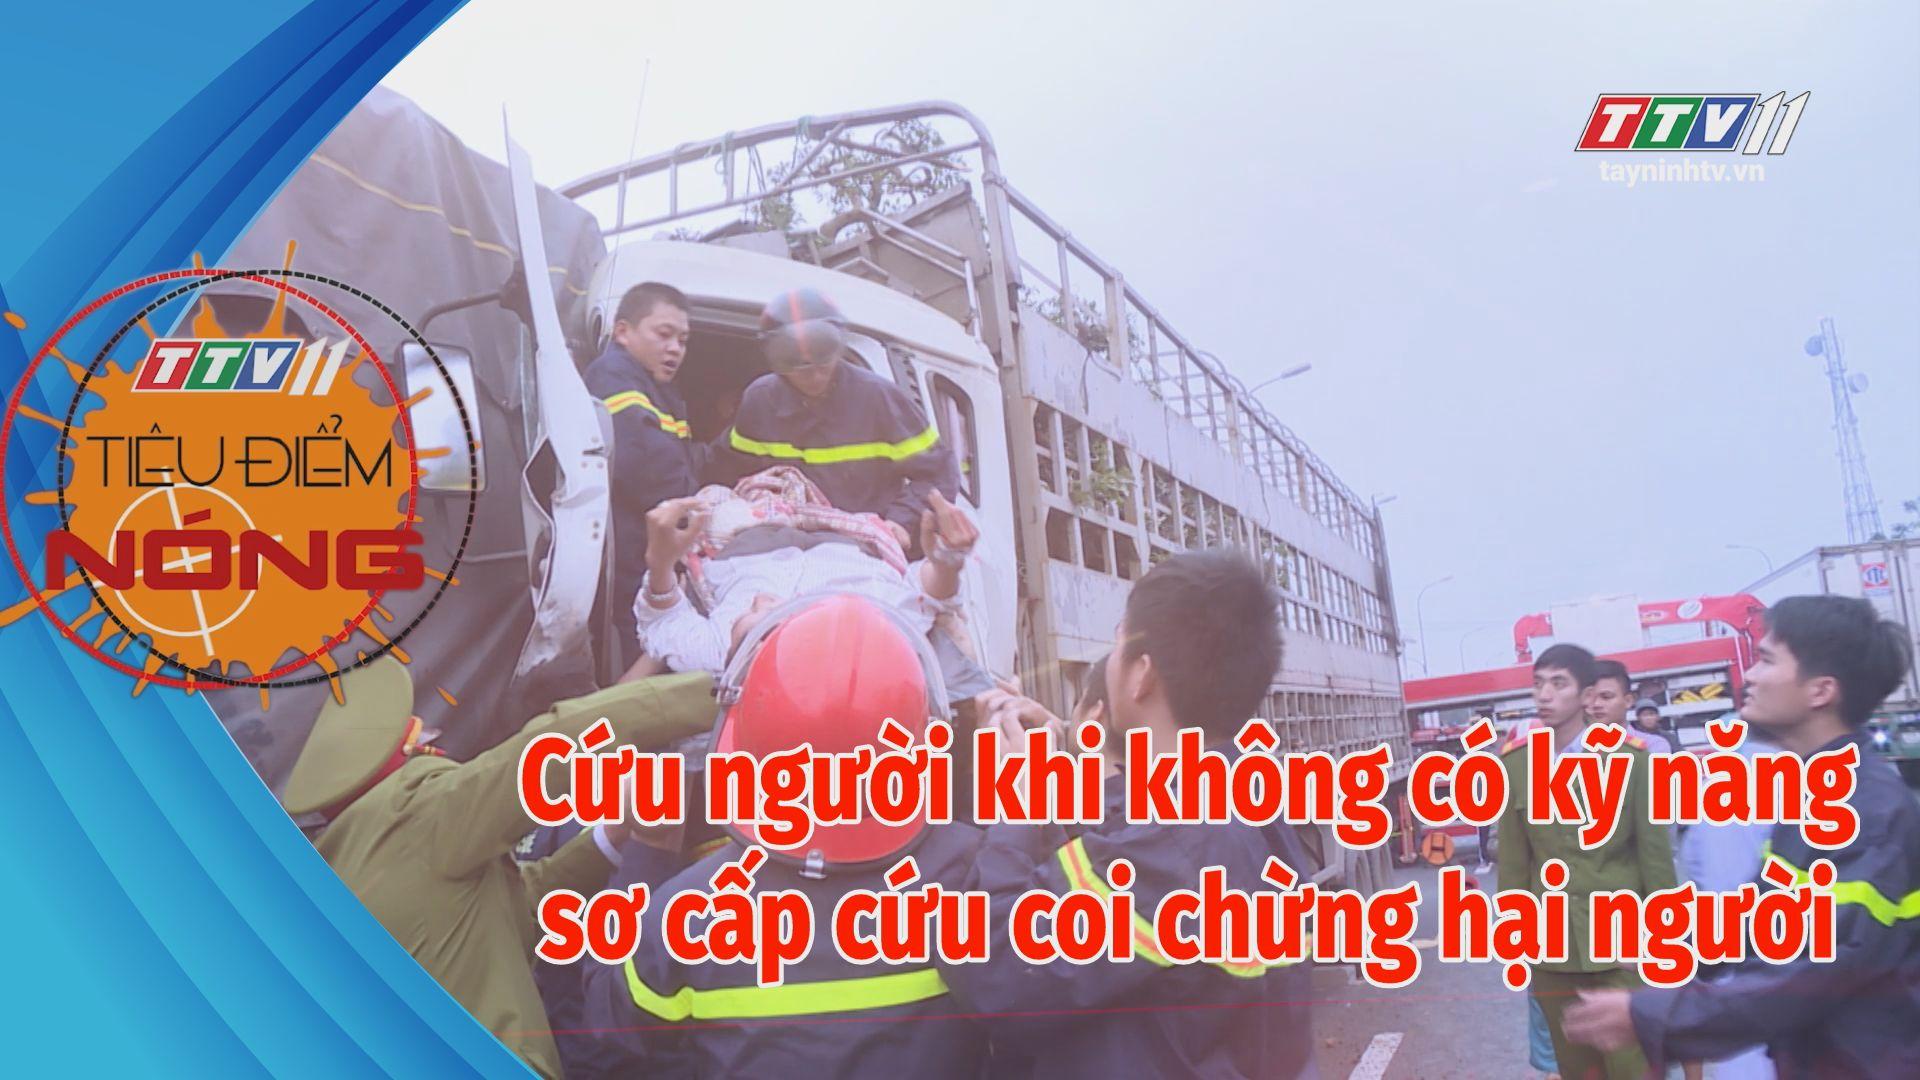 Cứu người khi KHÔNG có kỹ năng sơ cấp cứu coi chừng hại người | TIÊU ĐIỂM NÓNG | Tây Ninh TV